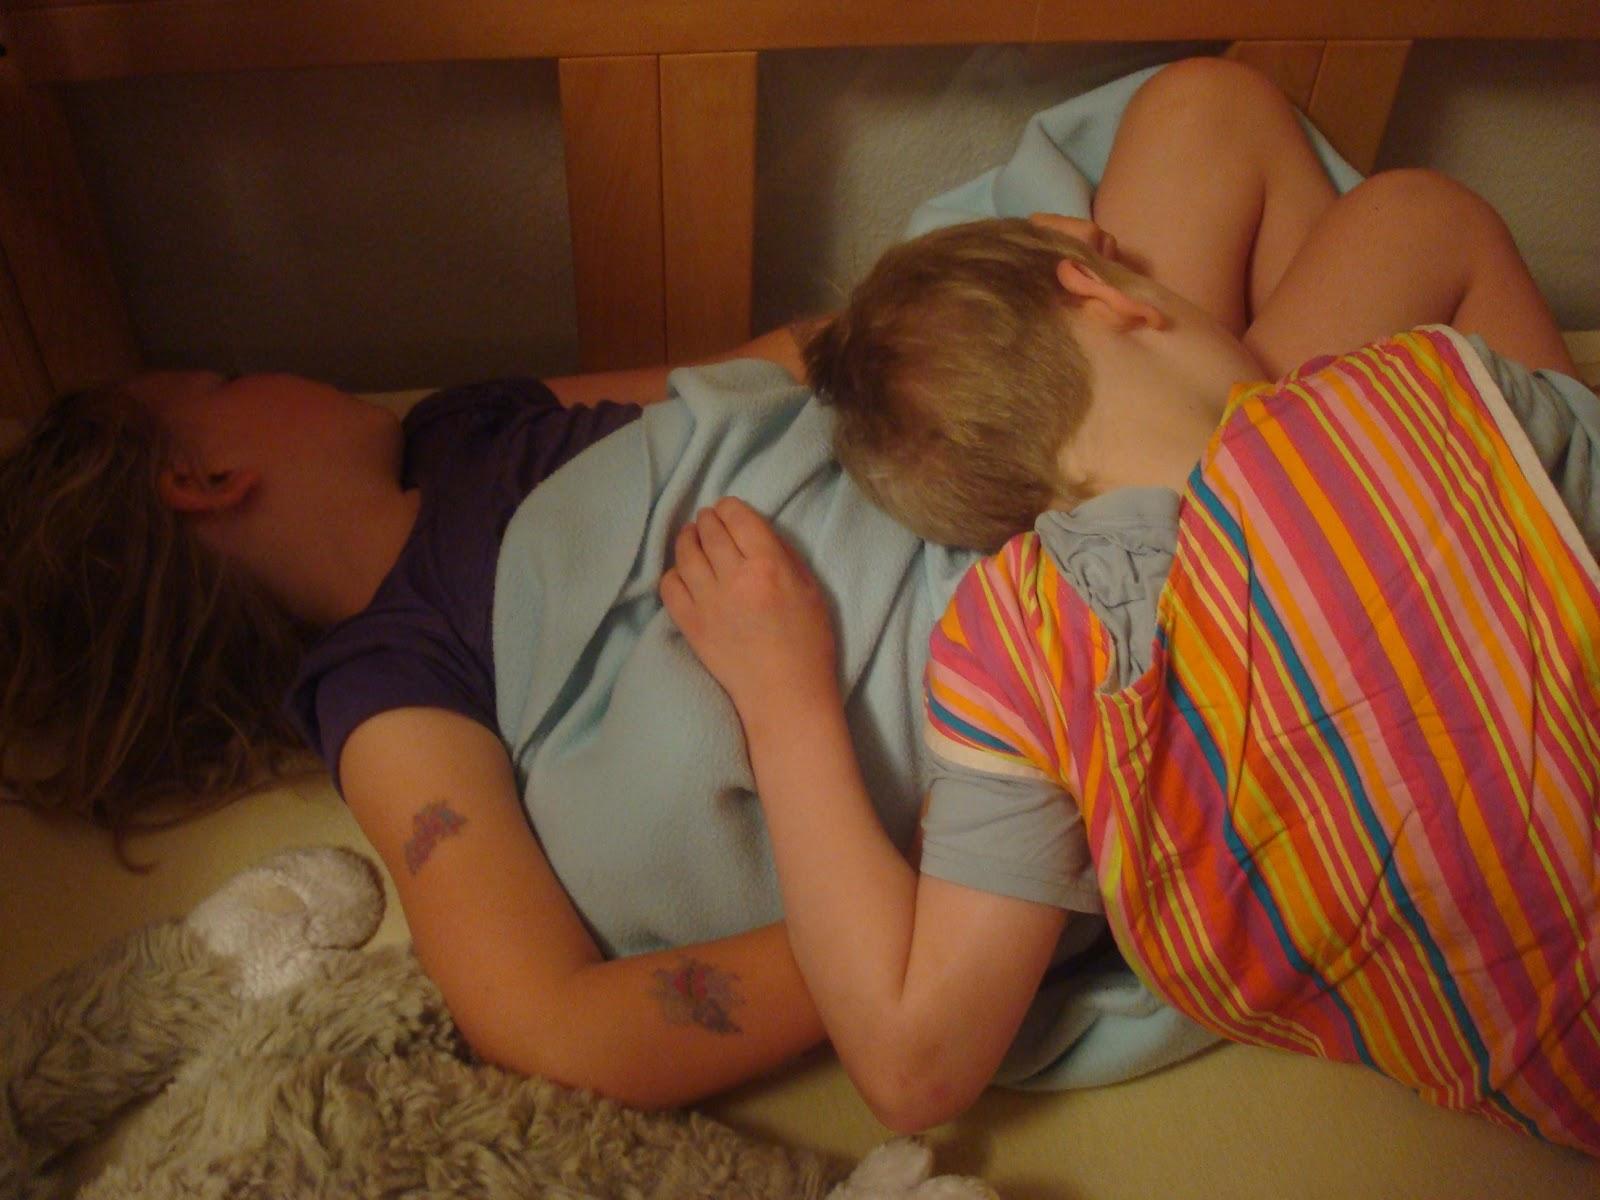 Meine schwester wichst mich im schlaf